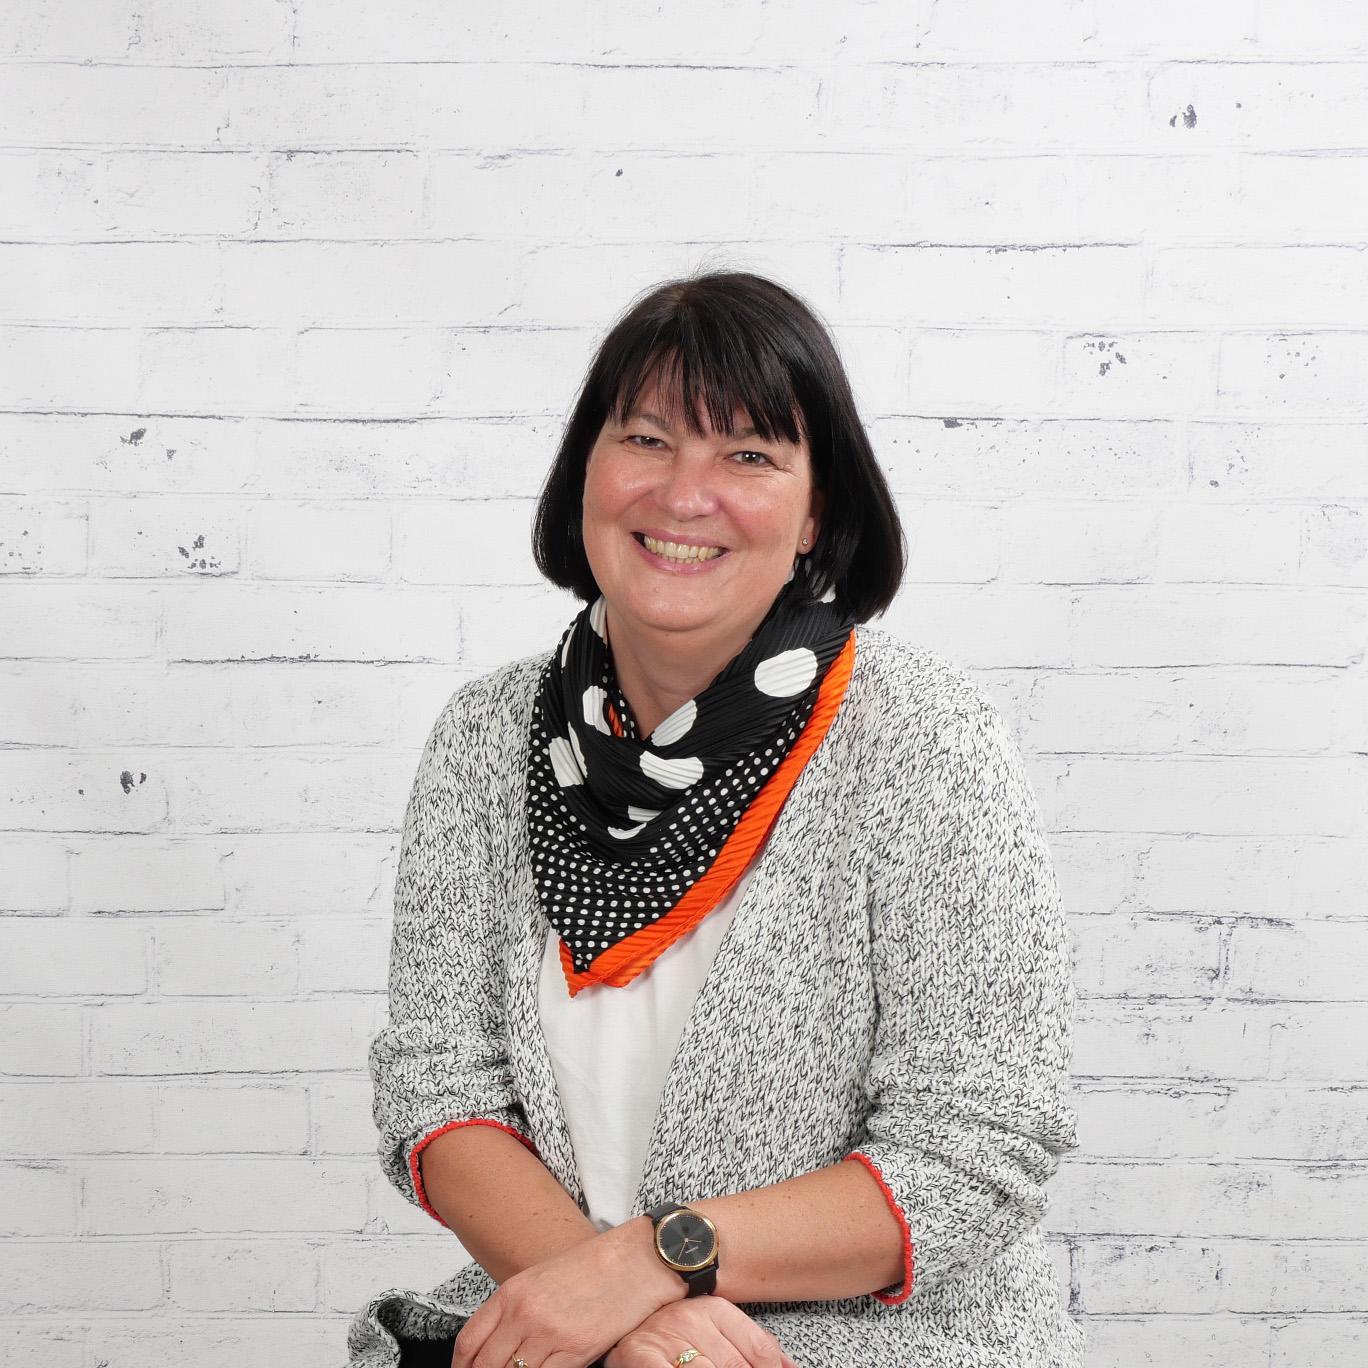 Profilbild von Birgit Rump